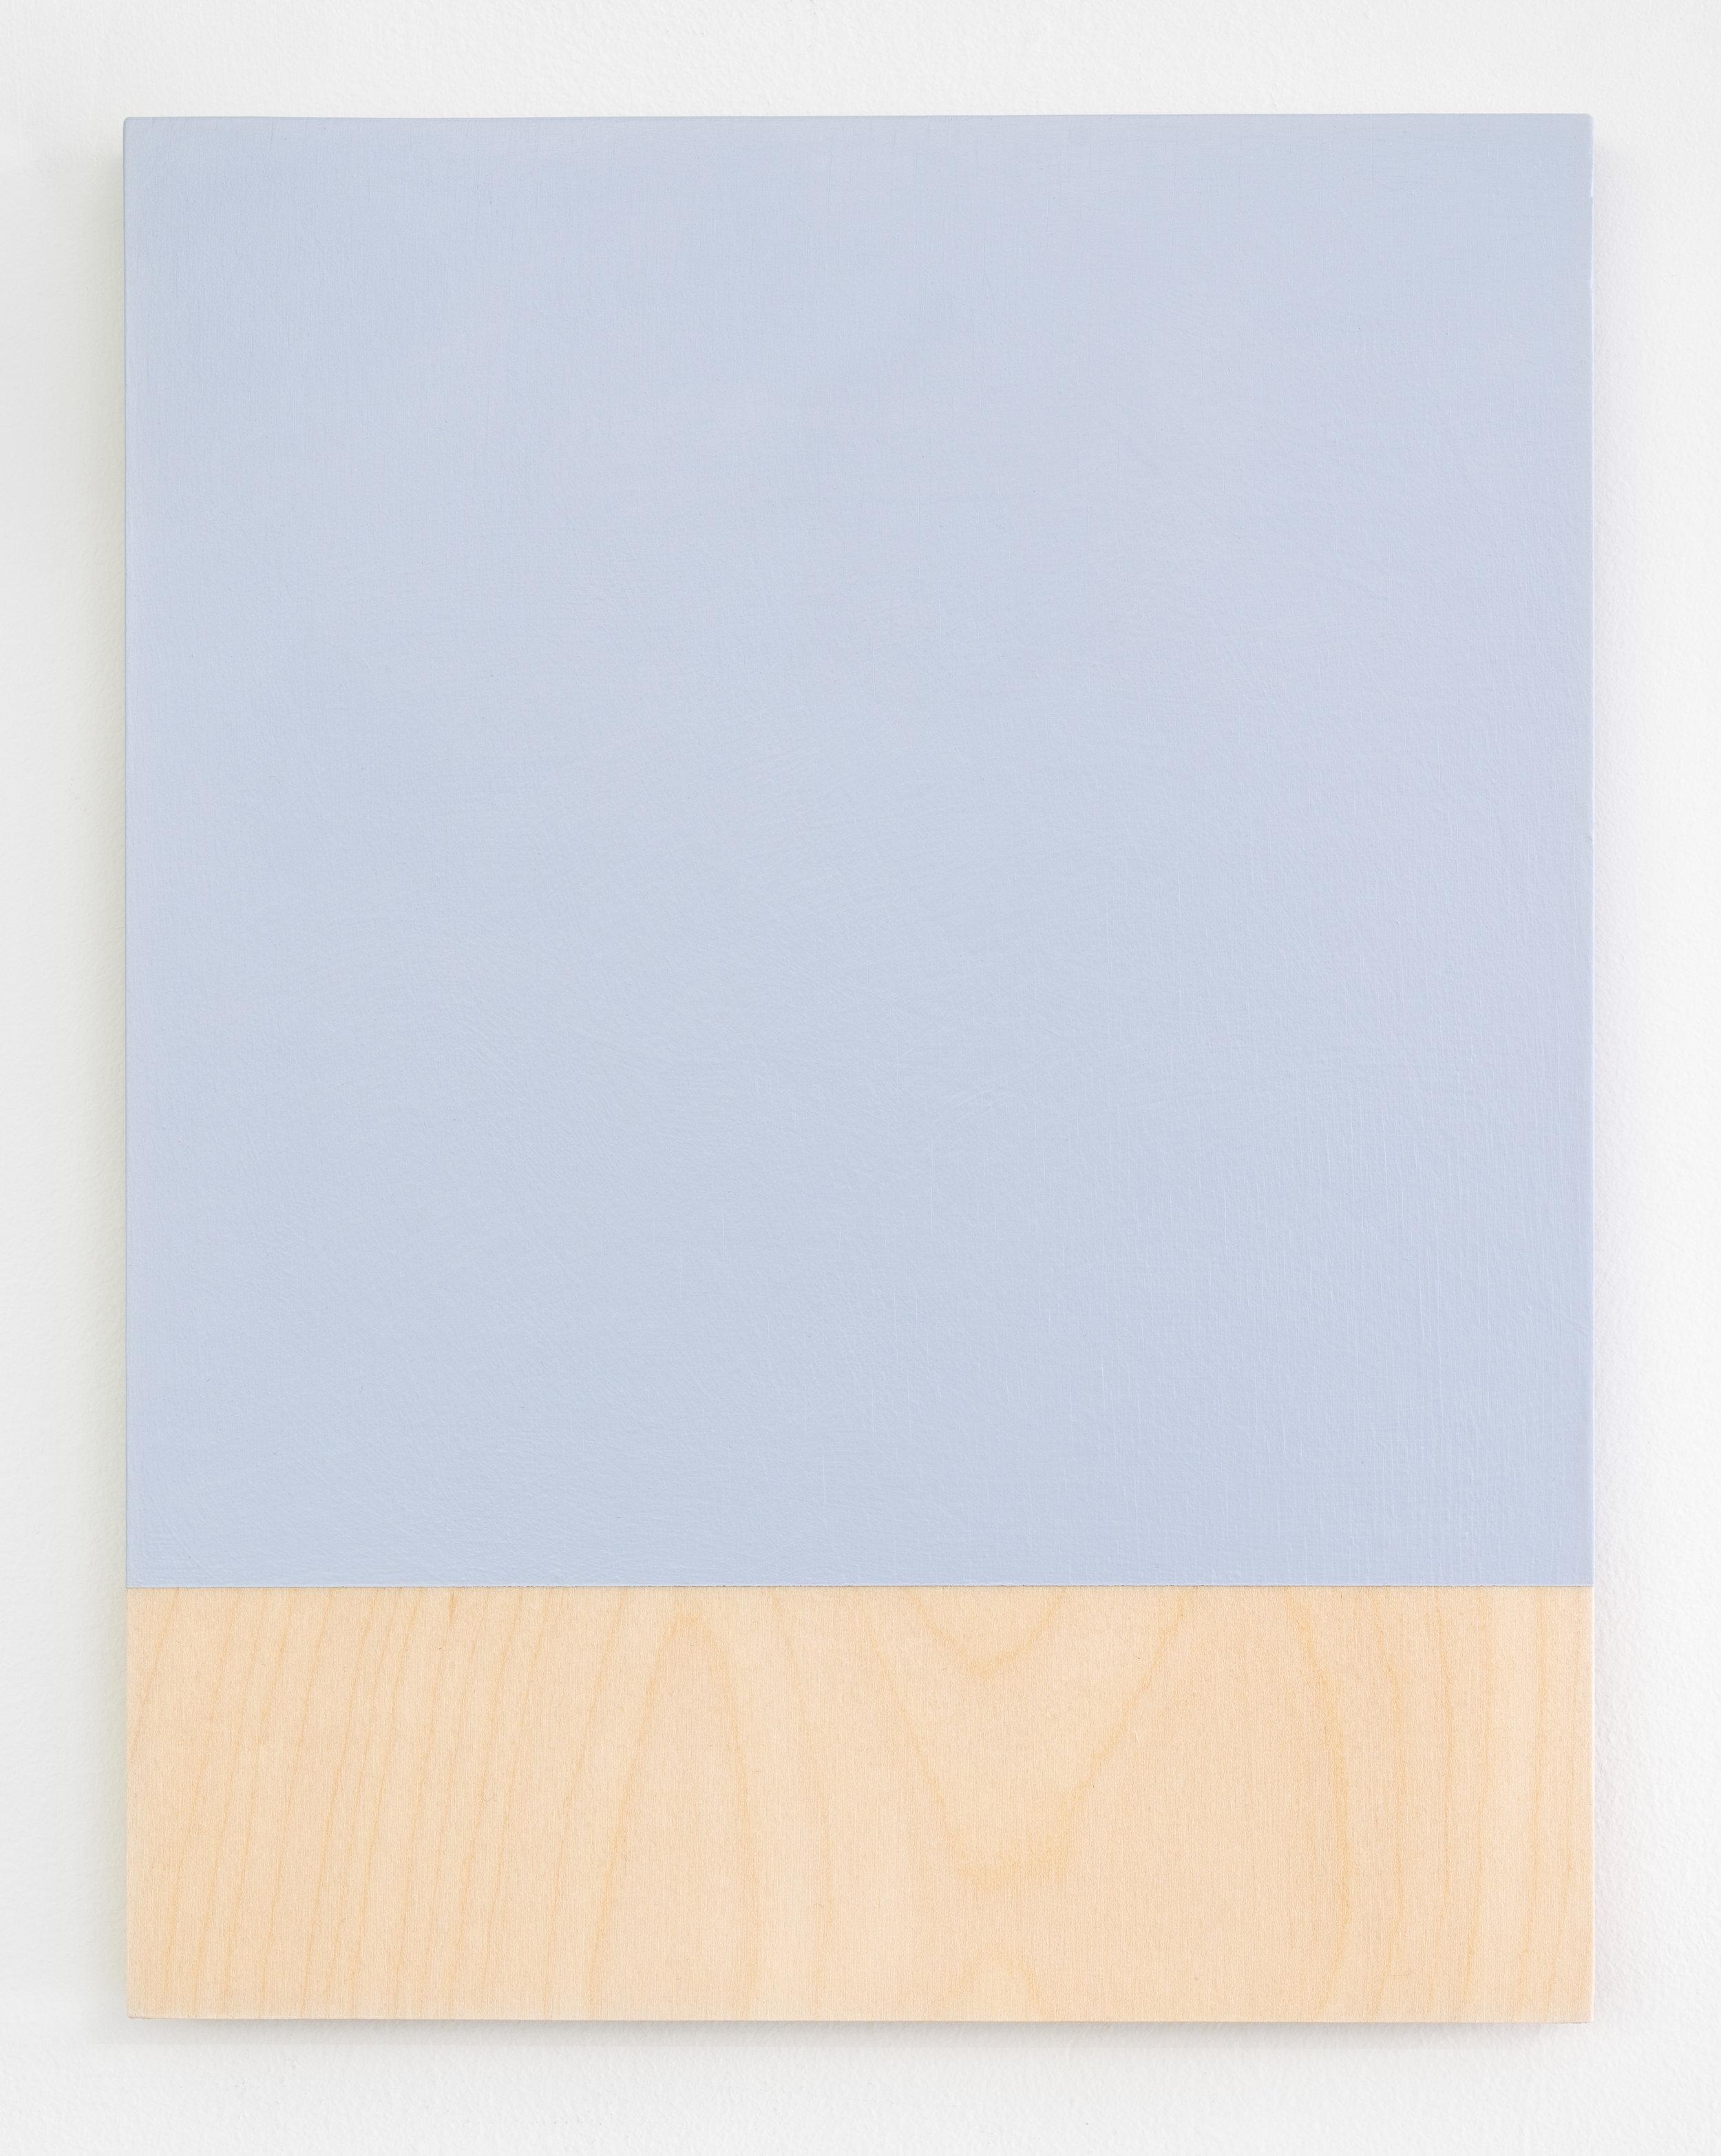 """Guy Pellerin,  484– la couleur des lieux, Lisbonne   (détail),  2018, acrylique sur contre-plaqué, 28 x 22 cm (11"""" x 8.5"""")"""